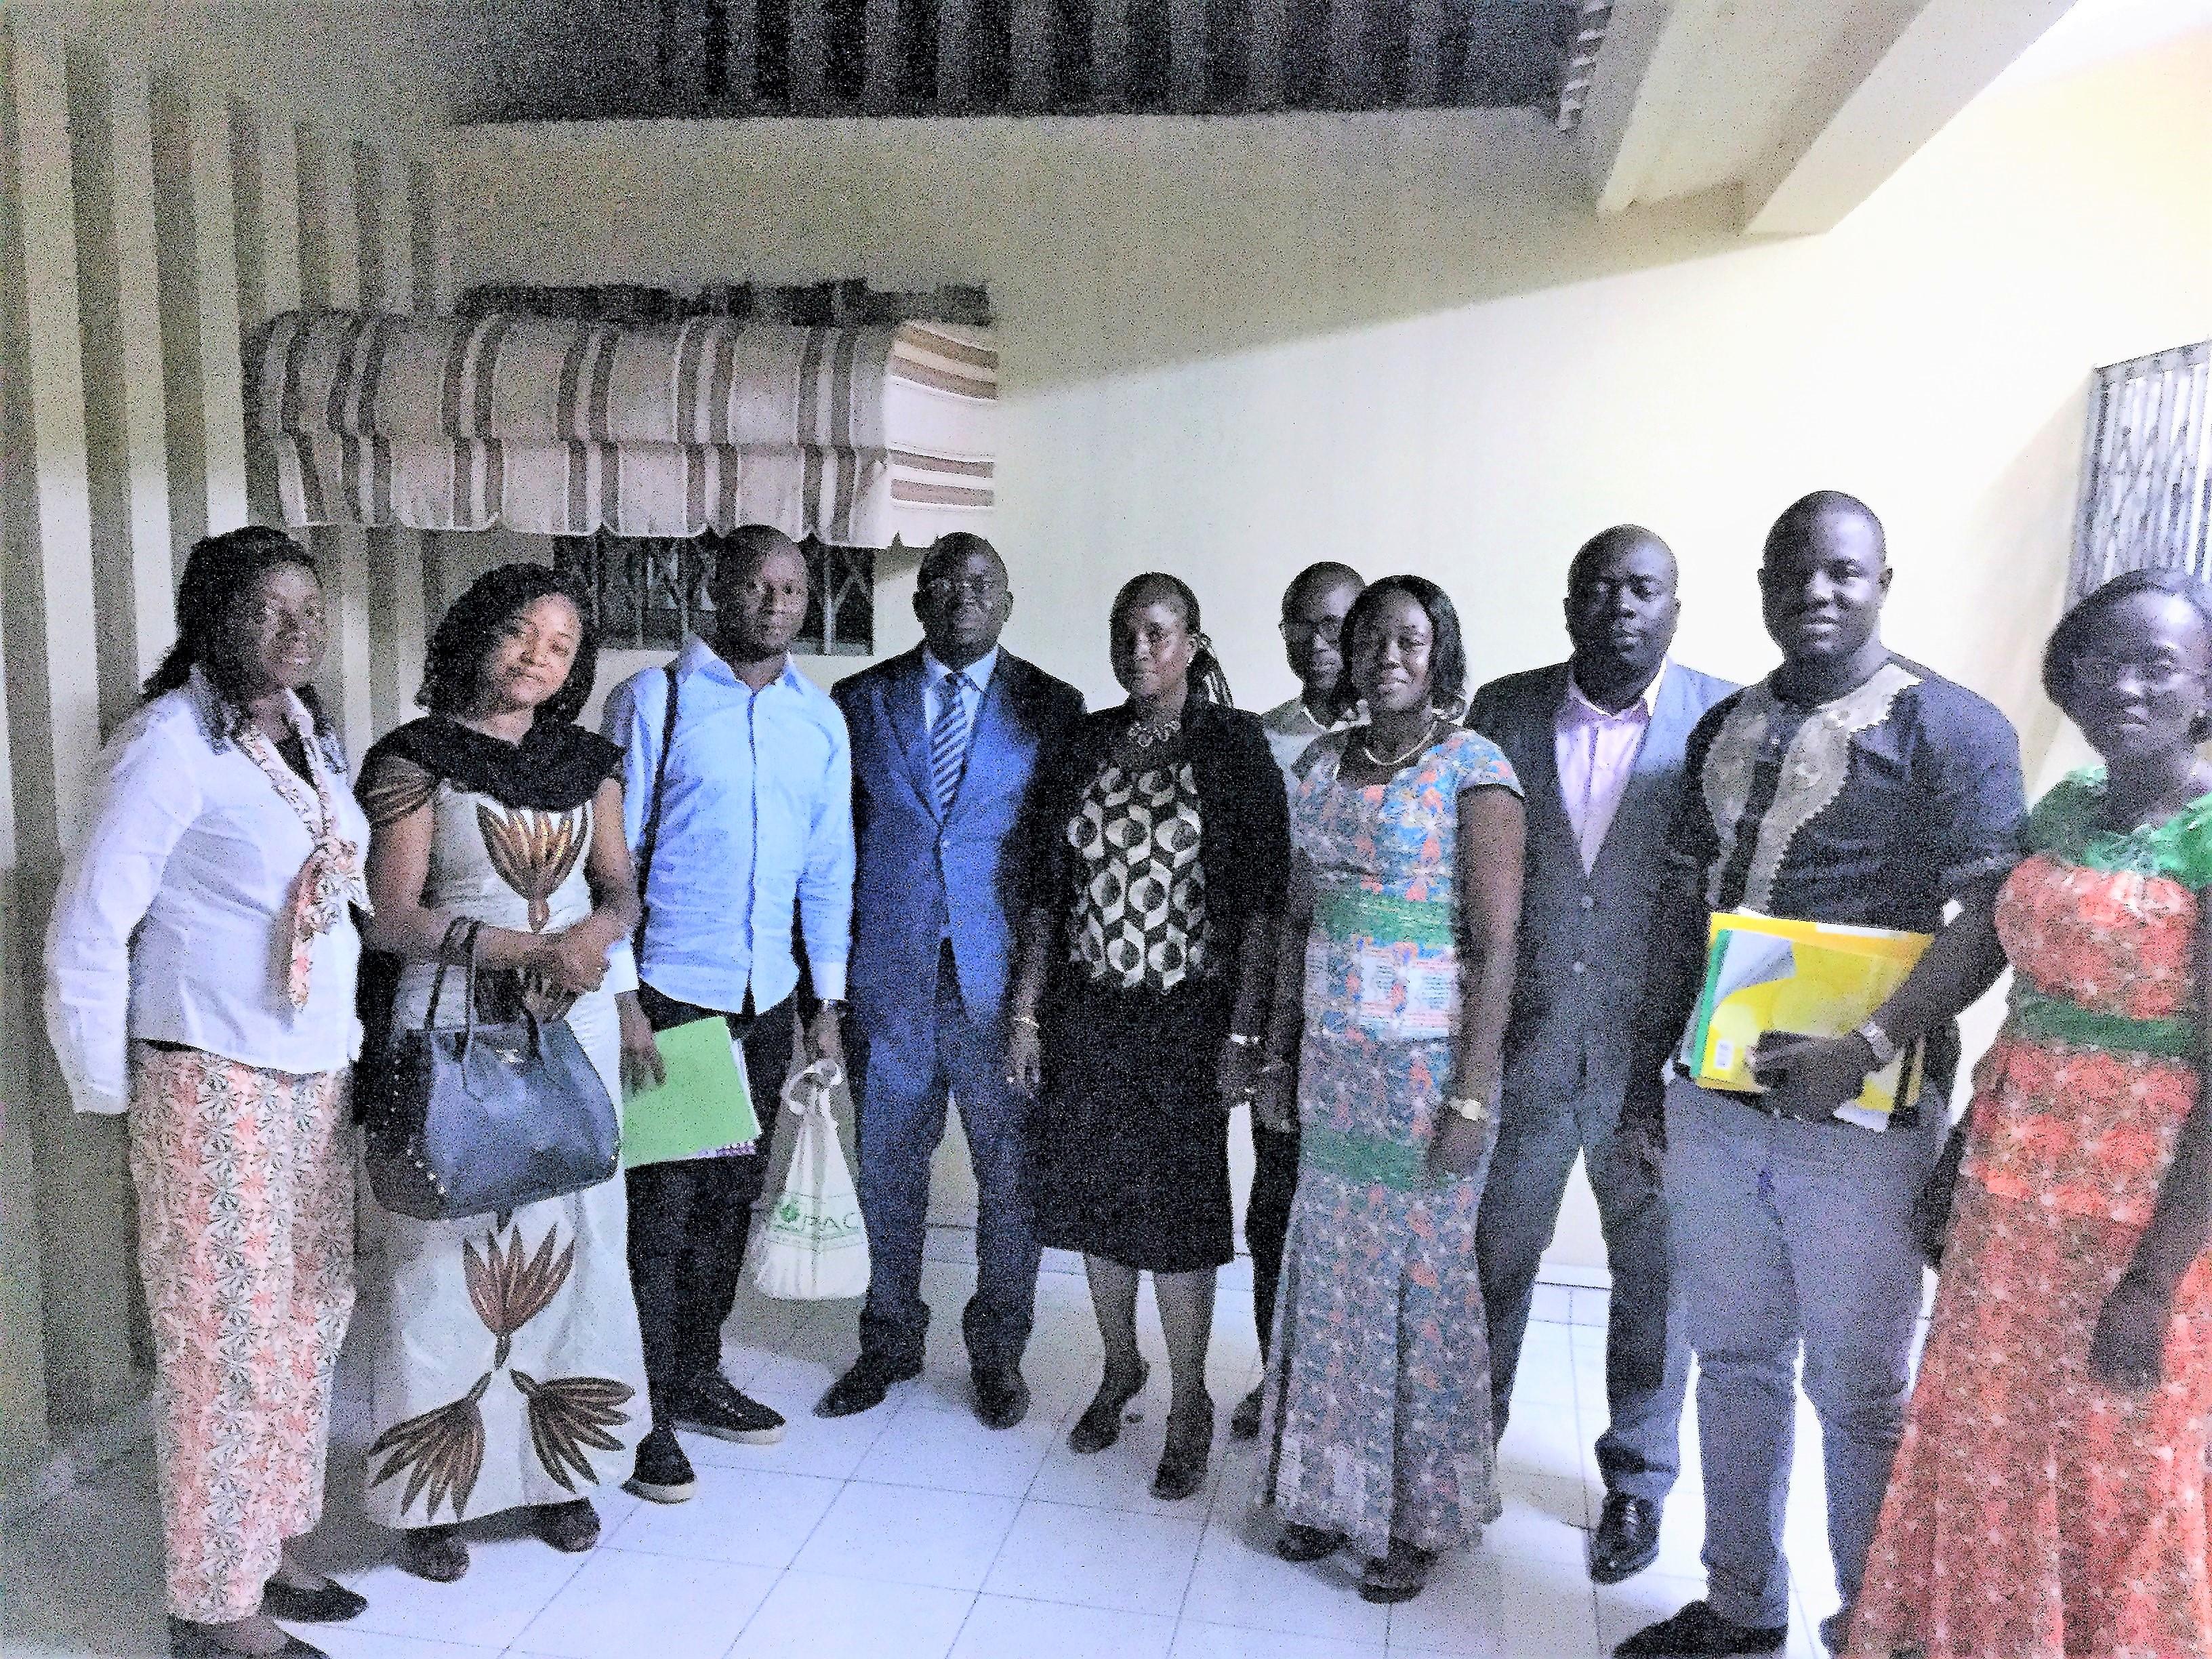 Visite de partage d'expériences : l'Unité de Gestion du Projet Filets Sociaux Productifs reçoit une délégation guinéenne